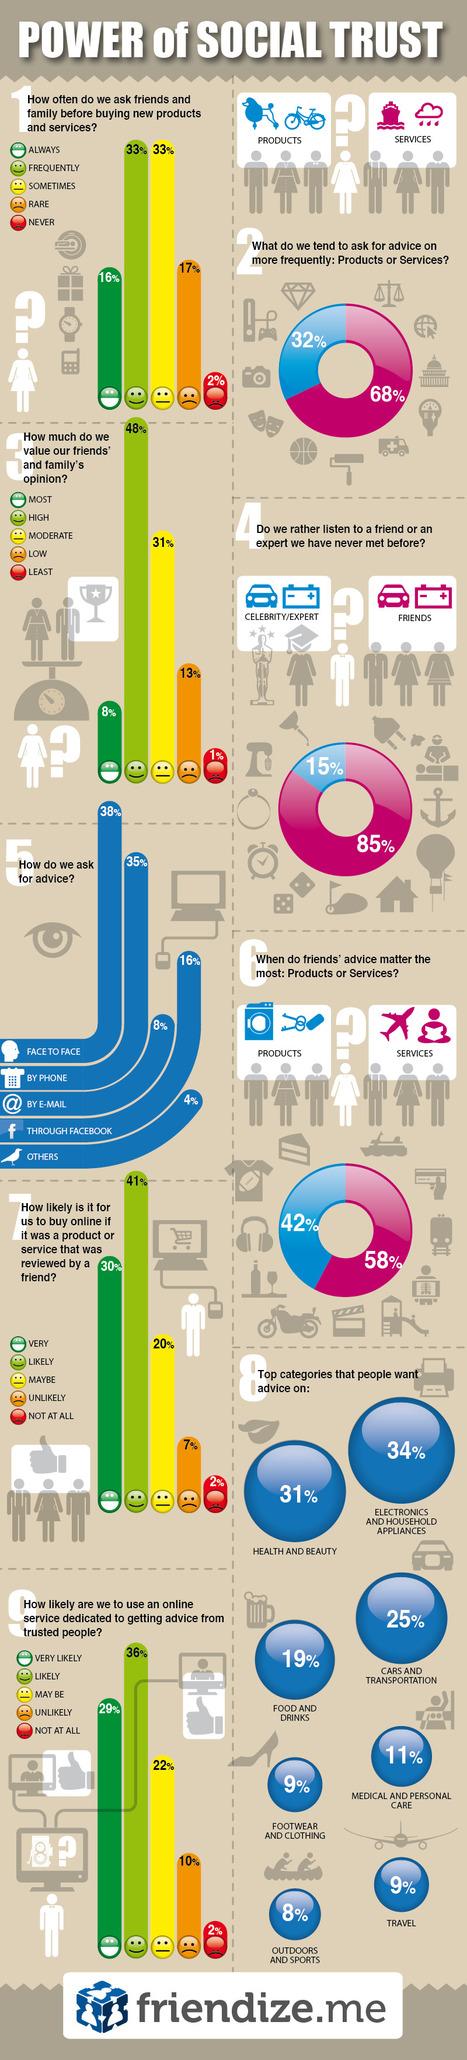 Le pouvoir de la confiance sur la décision d'achat (Eng Infographic: Power of Social Trust). | Marketing & Webmarketing | Scoop.it